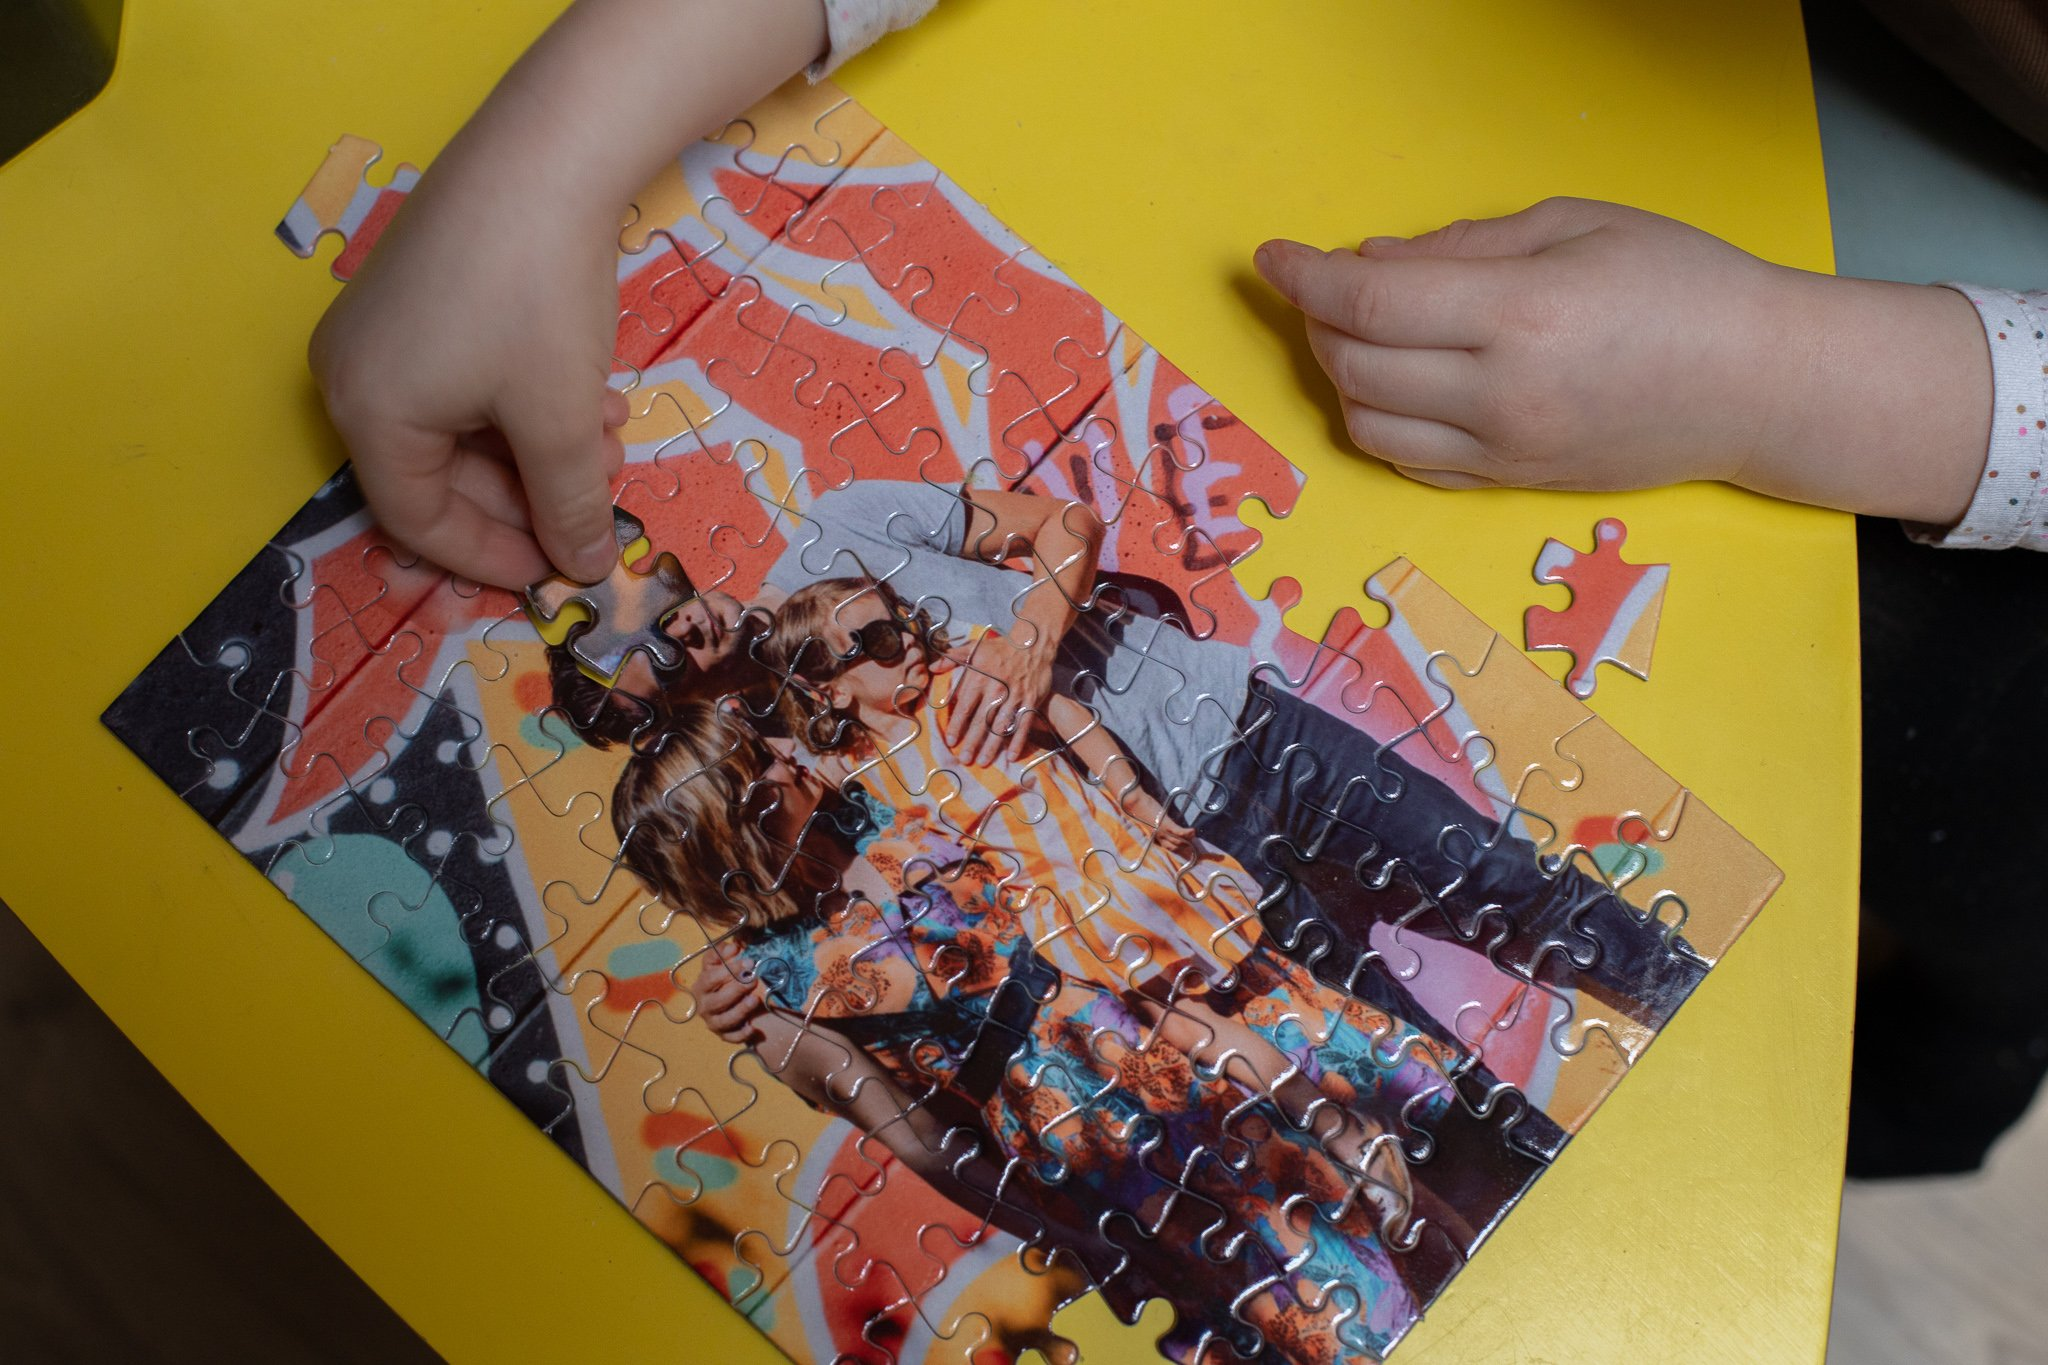 cadeaux photos personnalisés, avis monoeuvres.fr / plus sur withalovelikethat.fr